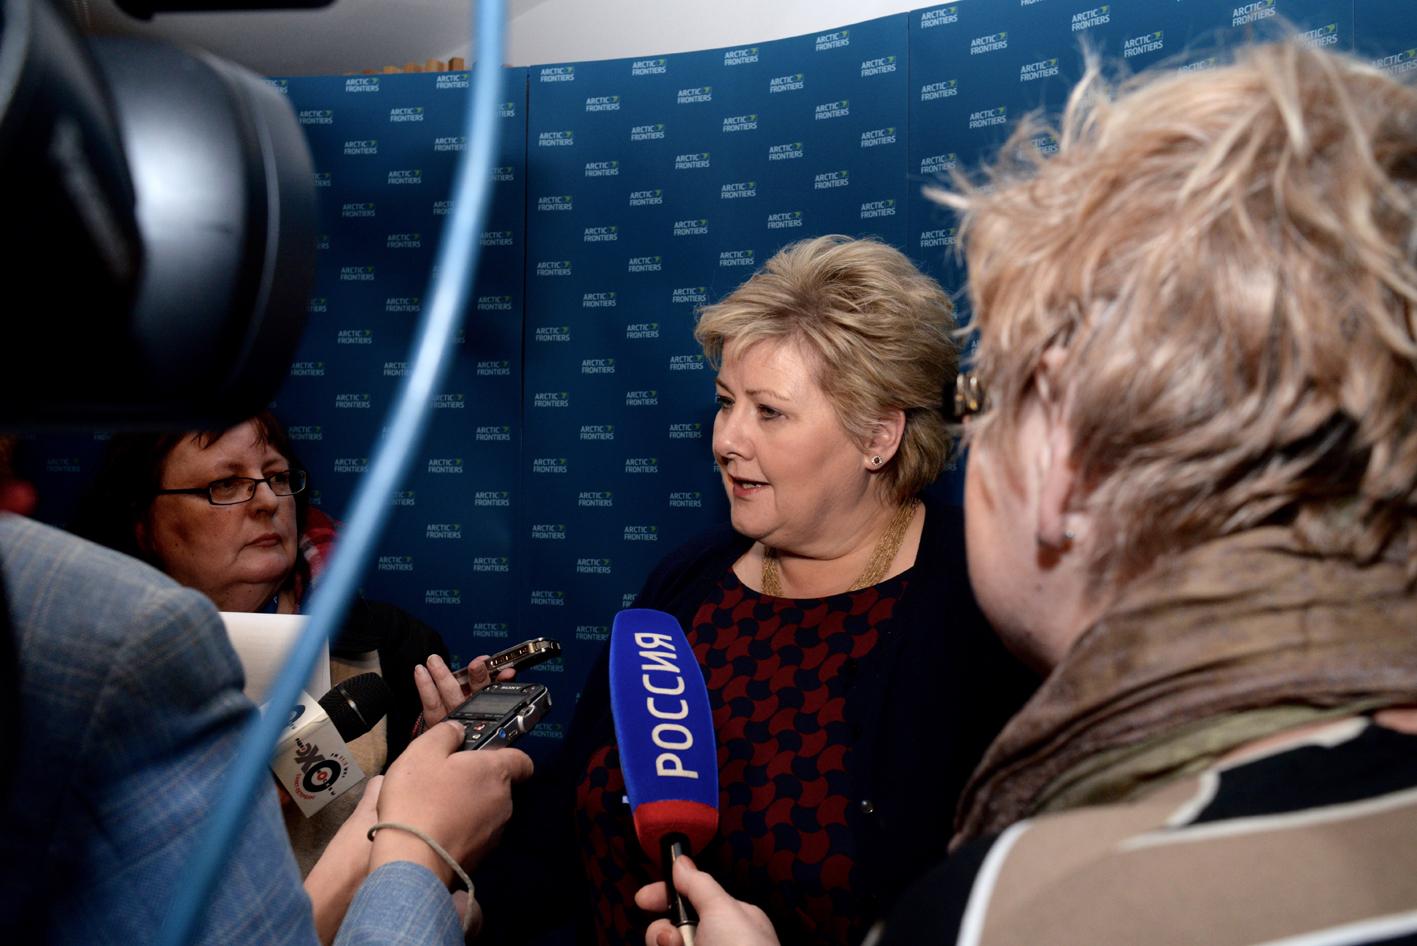 Statsminisuer Erna Solberg fremhevet mulighetene i nord og betydningen av en god infrastruktur, både som innleder under Arctic Frontiers og i et møte med representanter fra Mo Industripark AS.